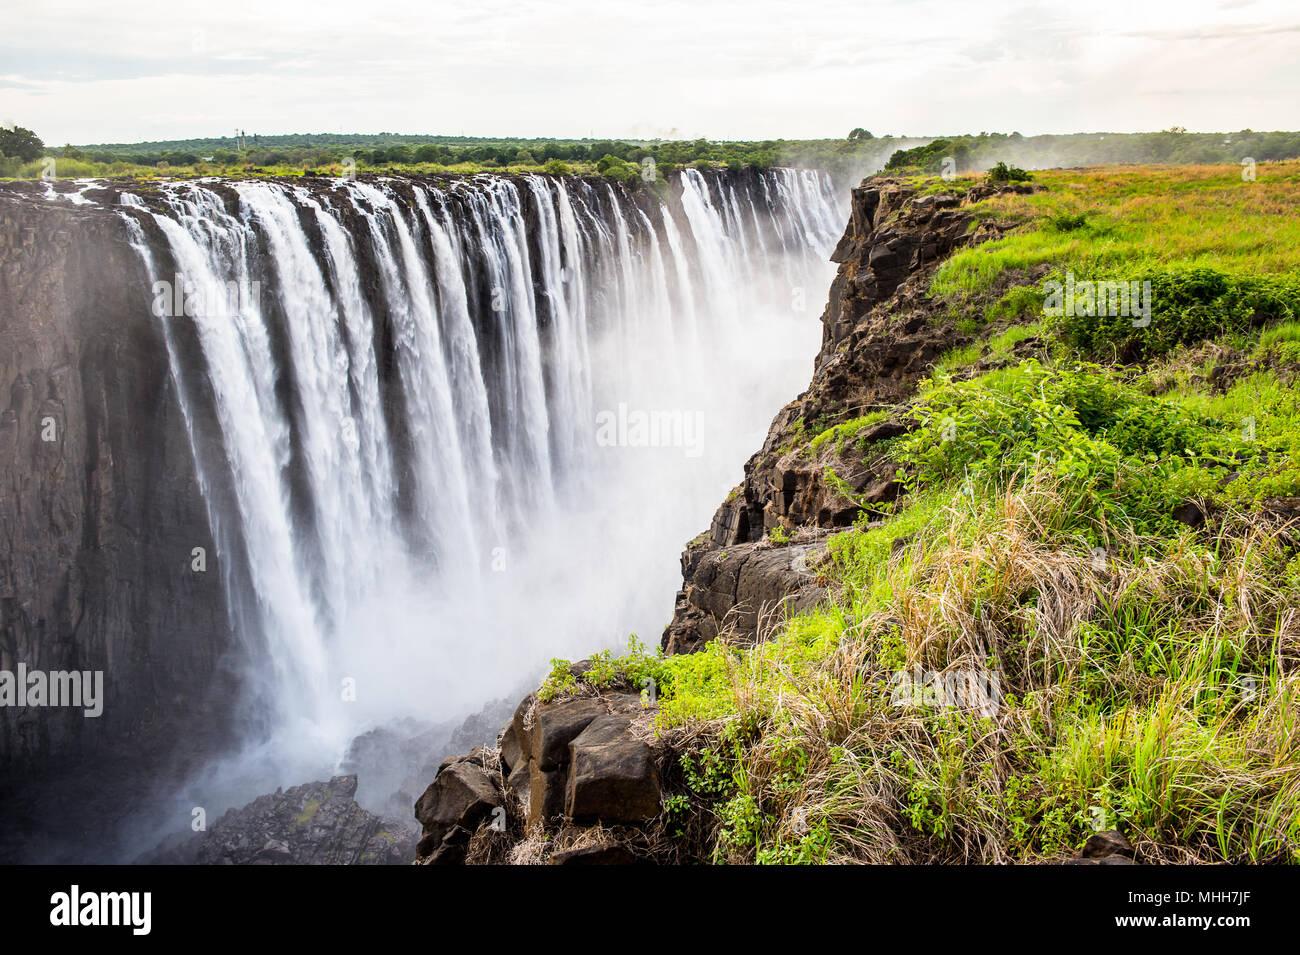 Amazing Victoria Falls, Zambezi River, Zimbabwe and Zambia - Stock Image